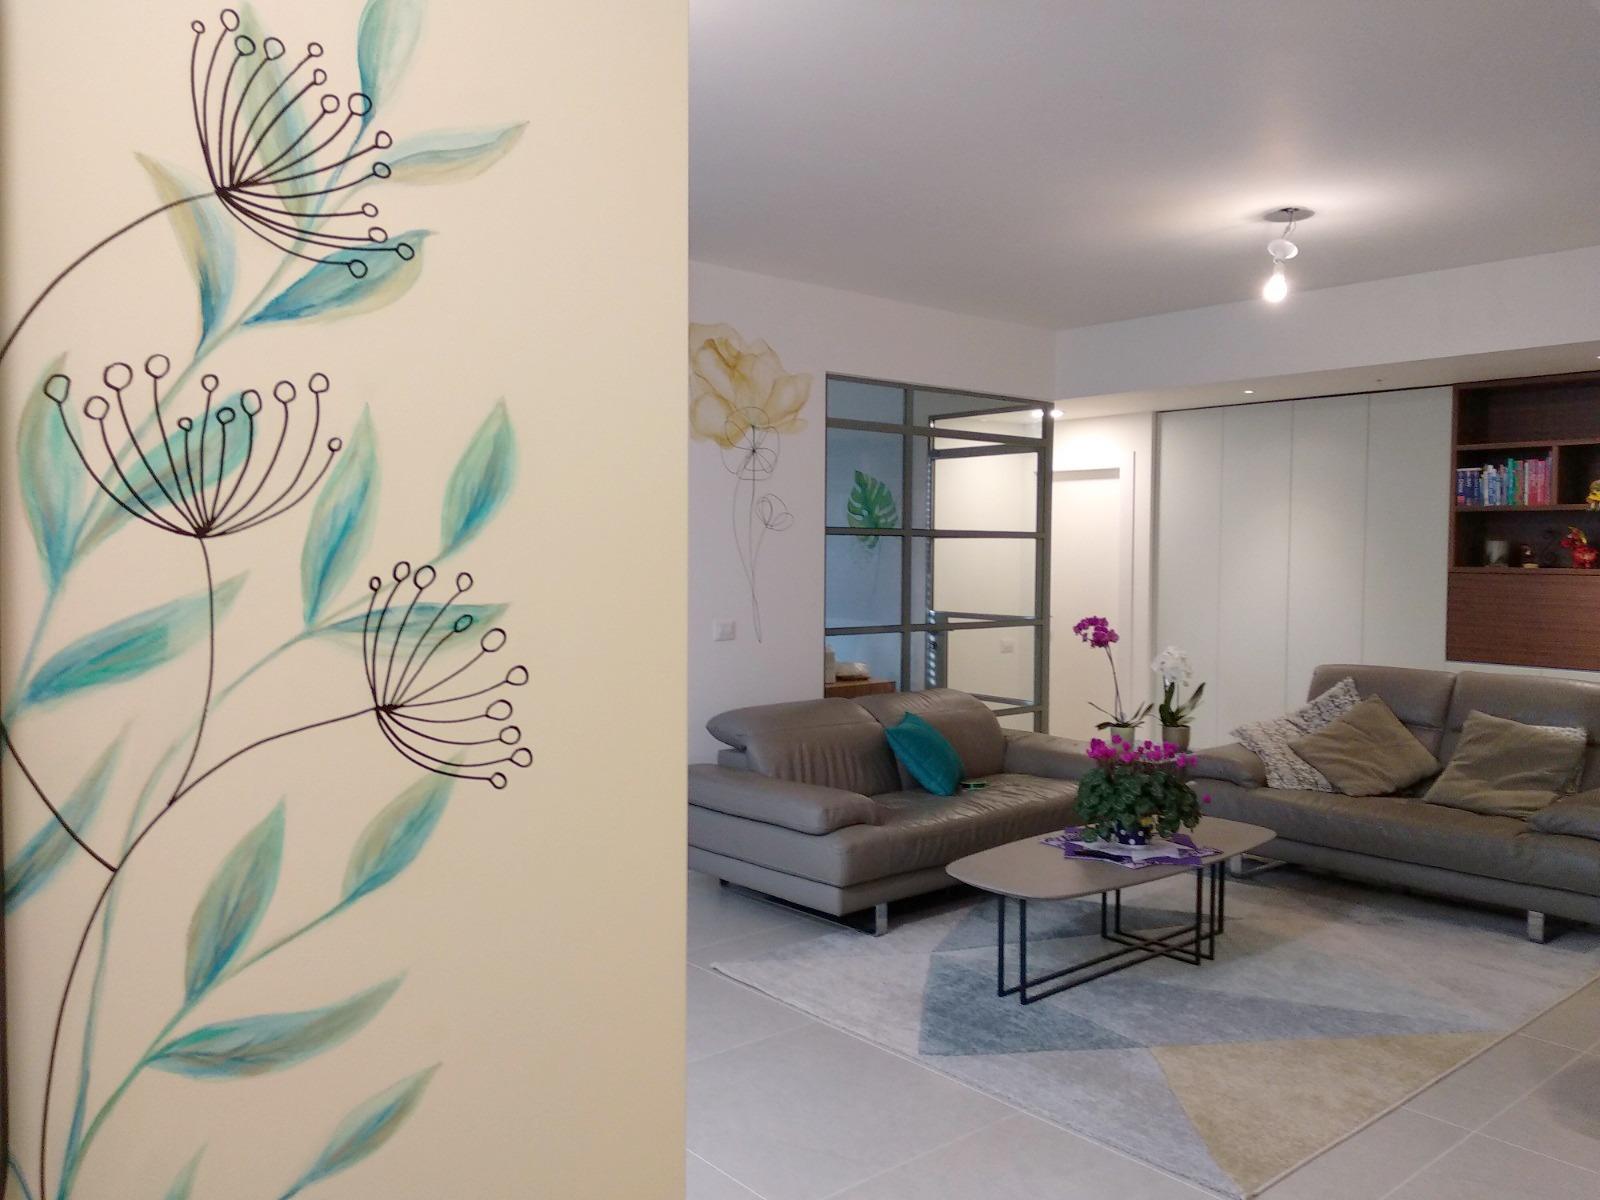 ציור קיר בכניסה לבית ובסלון